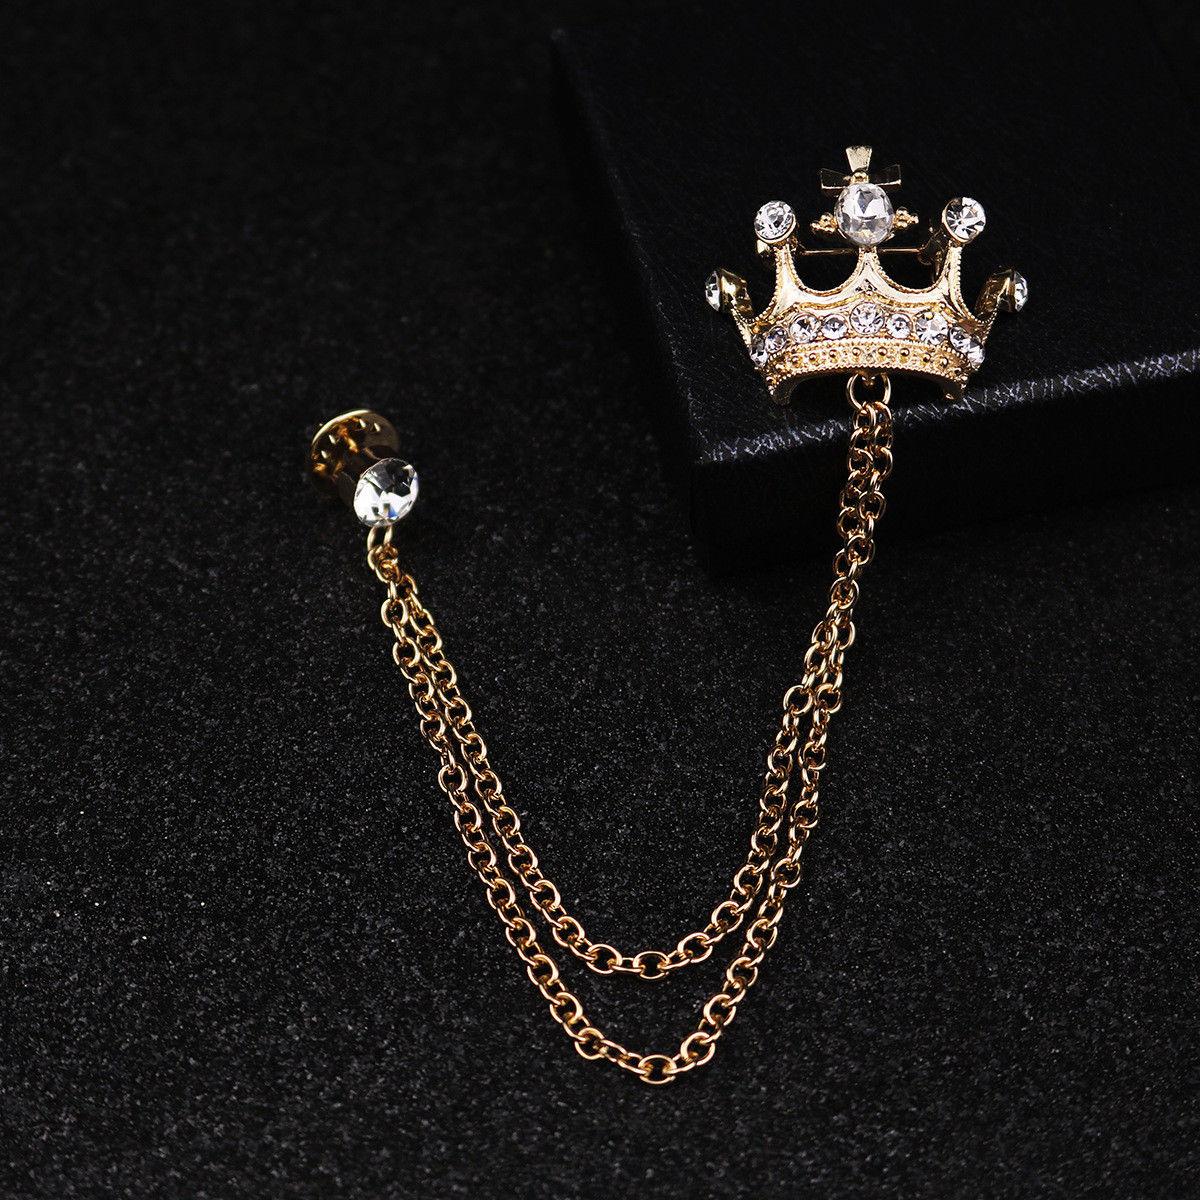 Nightclub Crystal Bling Bikini Bra Metal Chain Body Chain Crop Top Jewelry X716